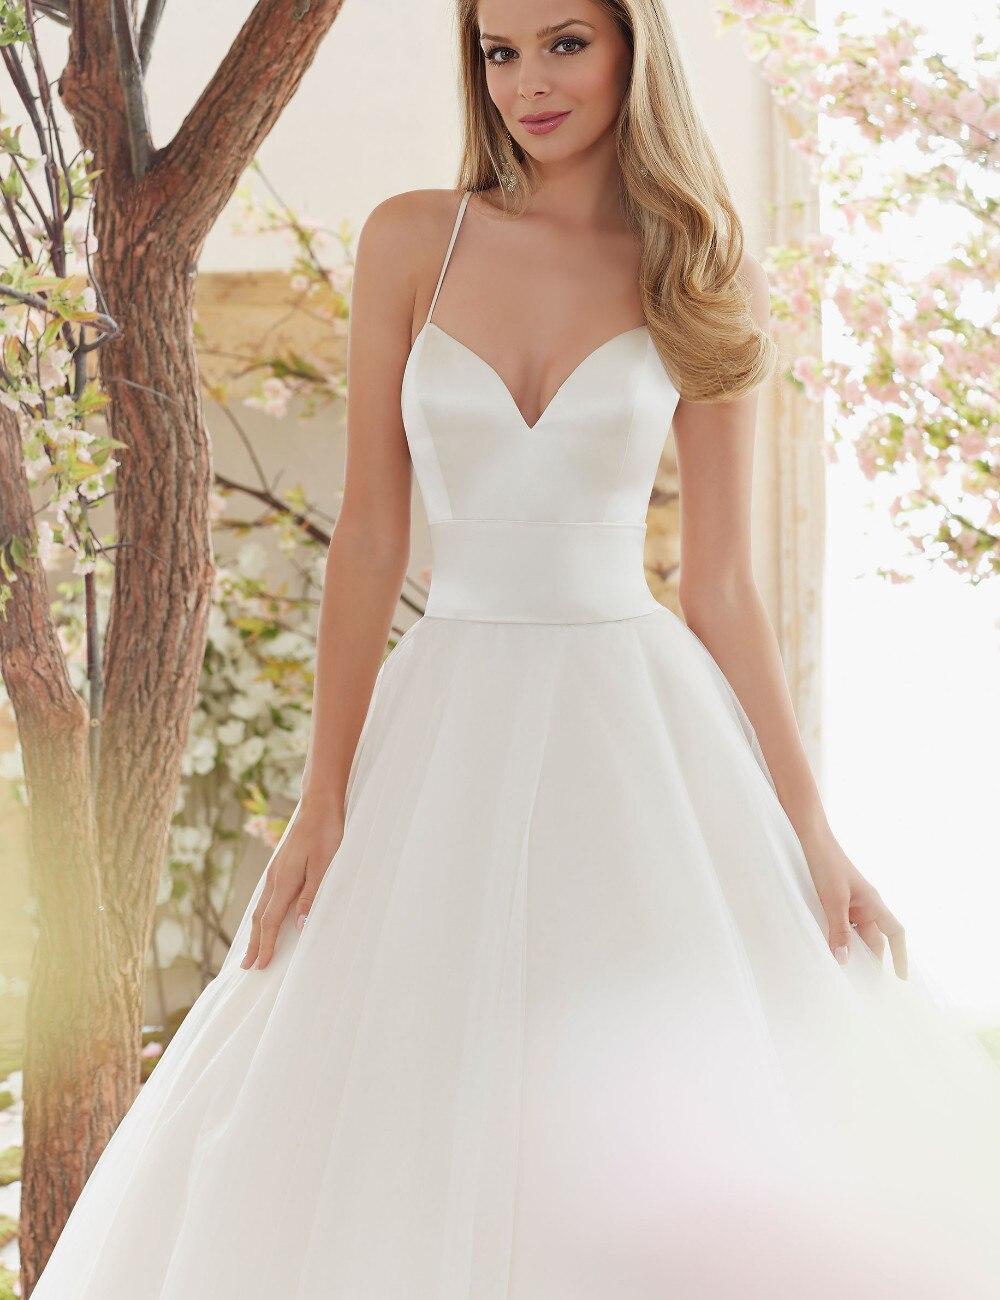 Fein Brautkleid Jahrgang Bilder - Hochzeit Kleid Stile Ideen ...